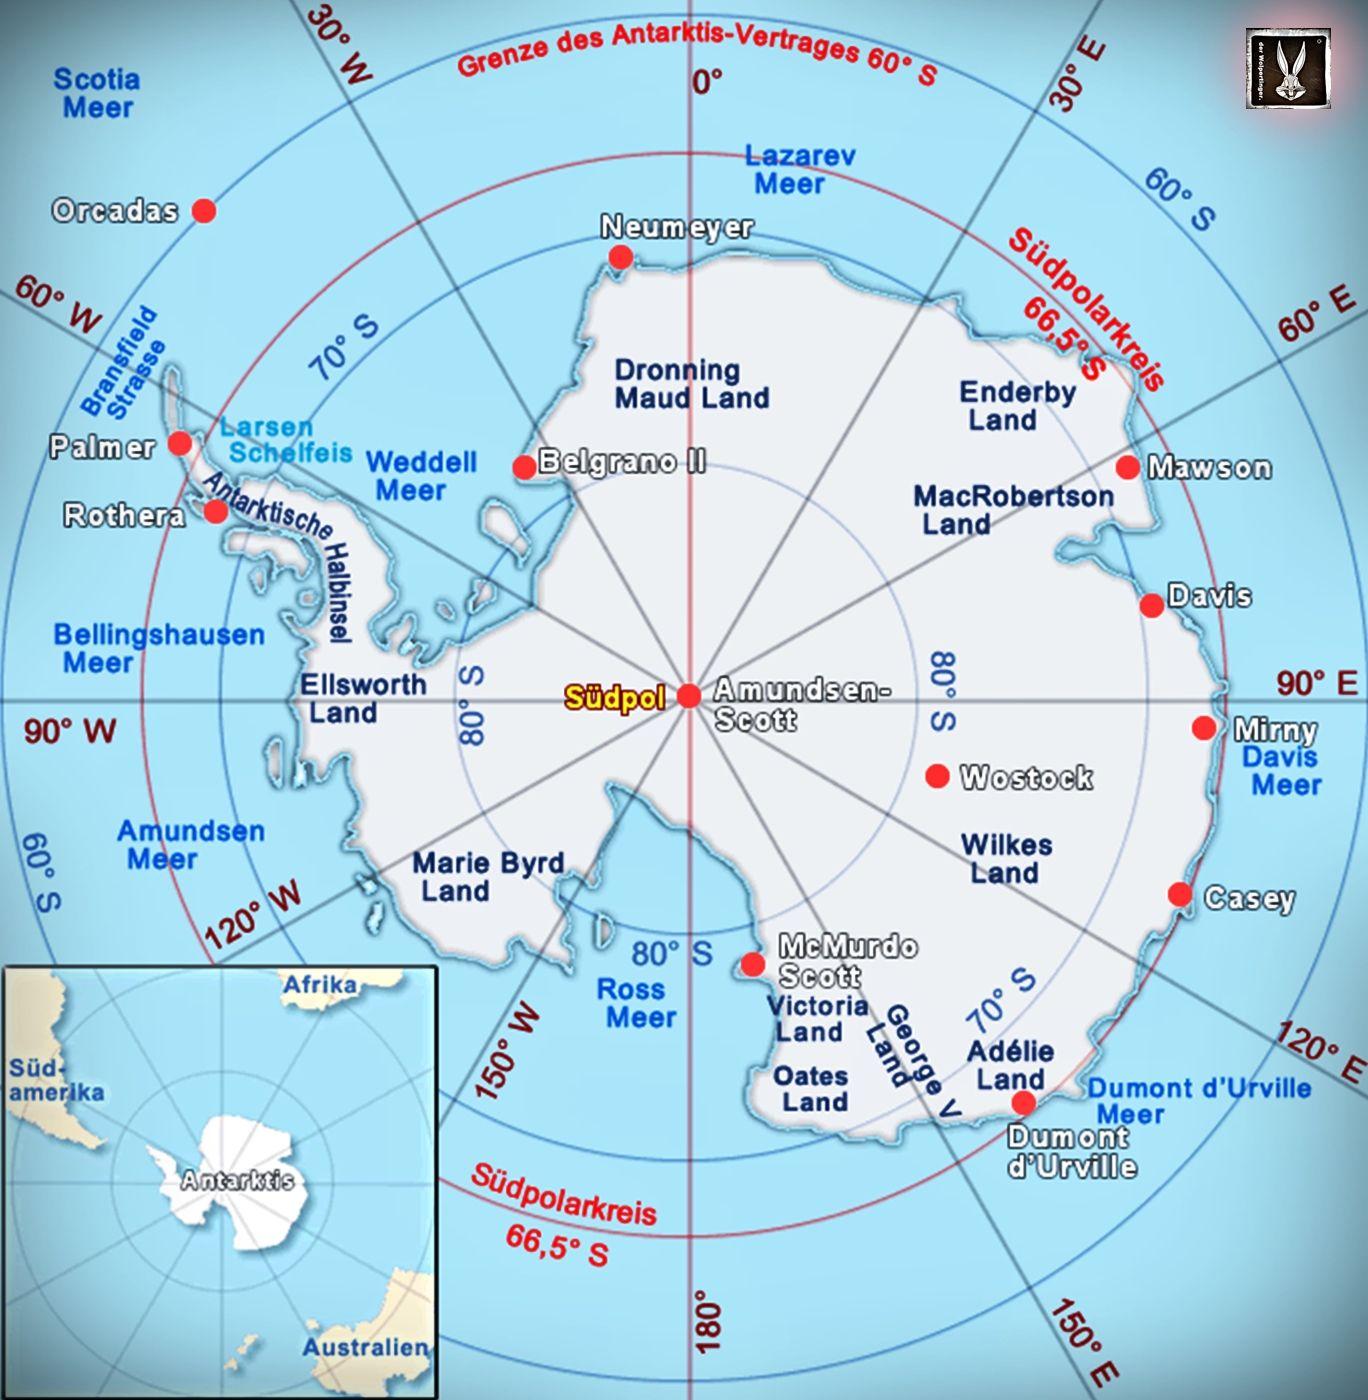 Karte Antarktis Grenze Antarktisvertrag Antarktis Sudpol